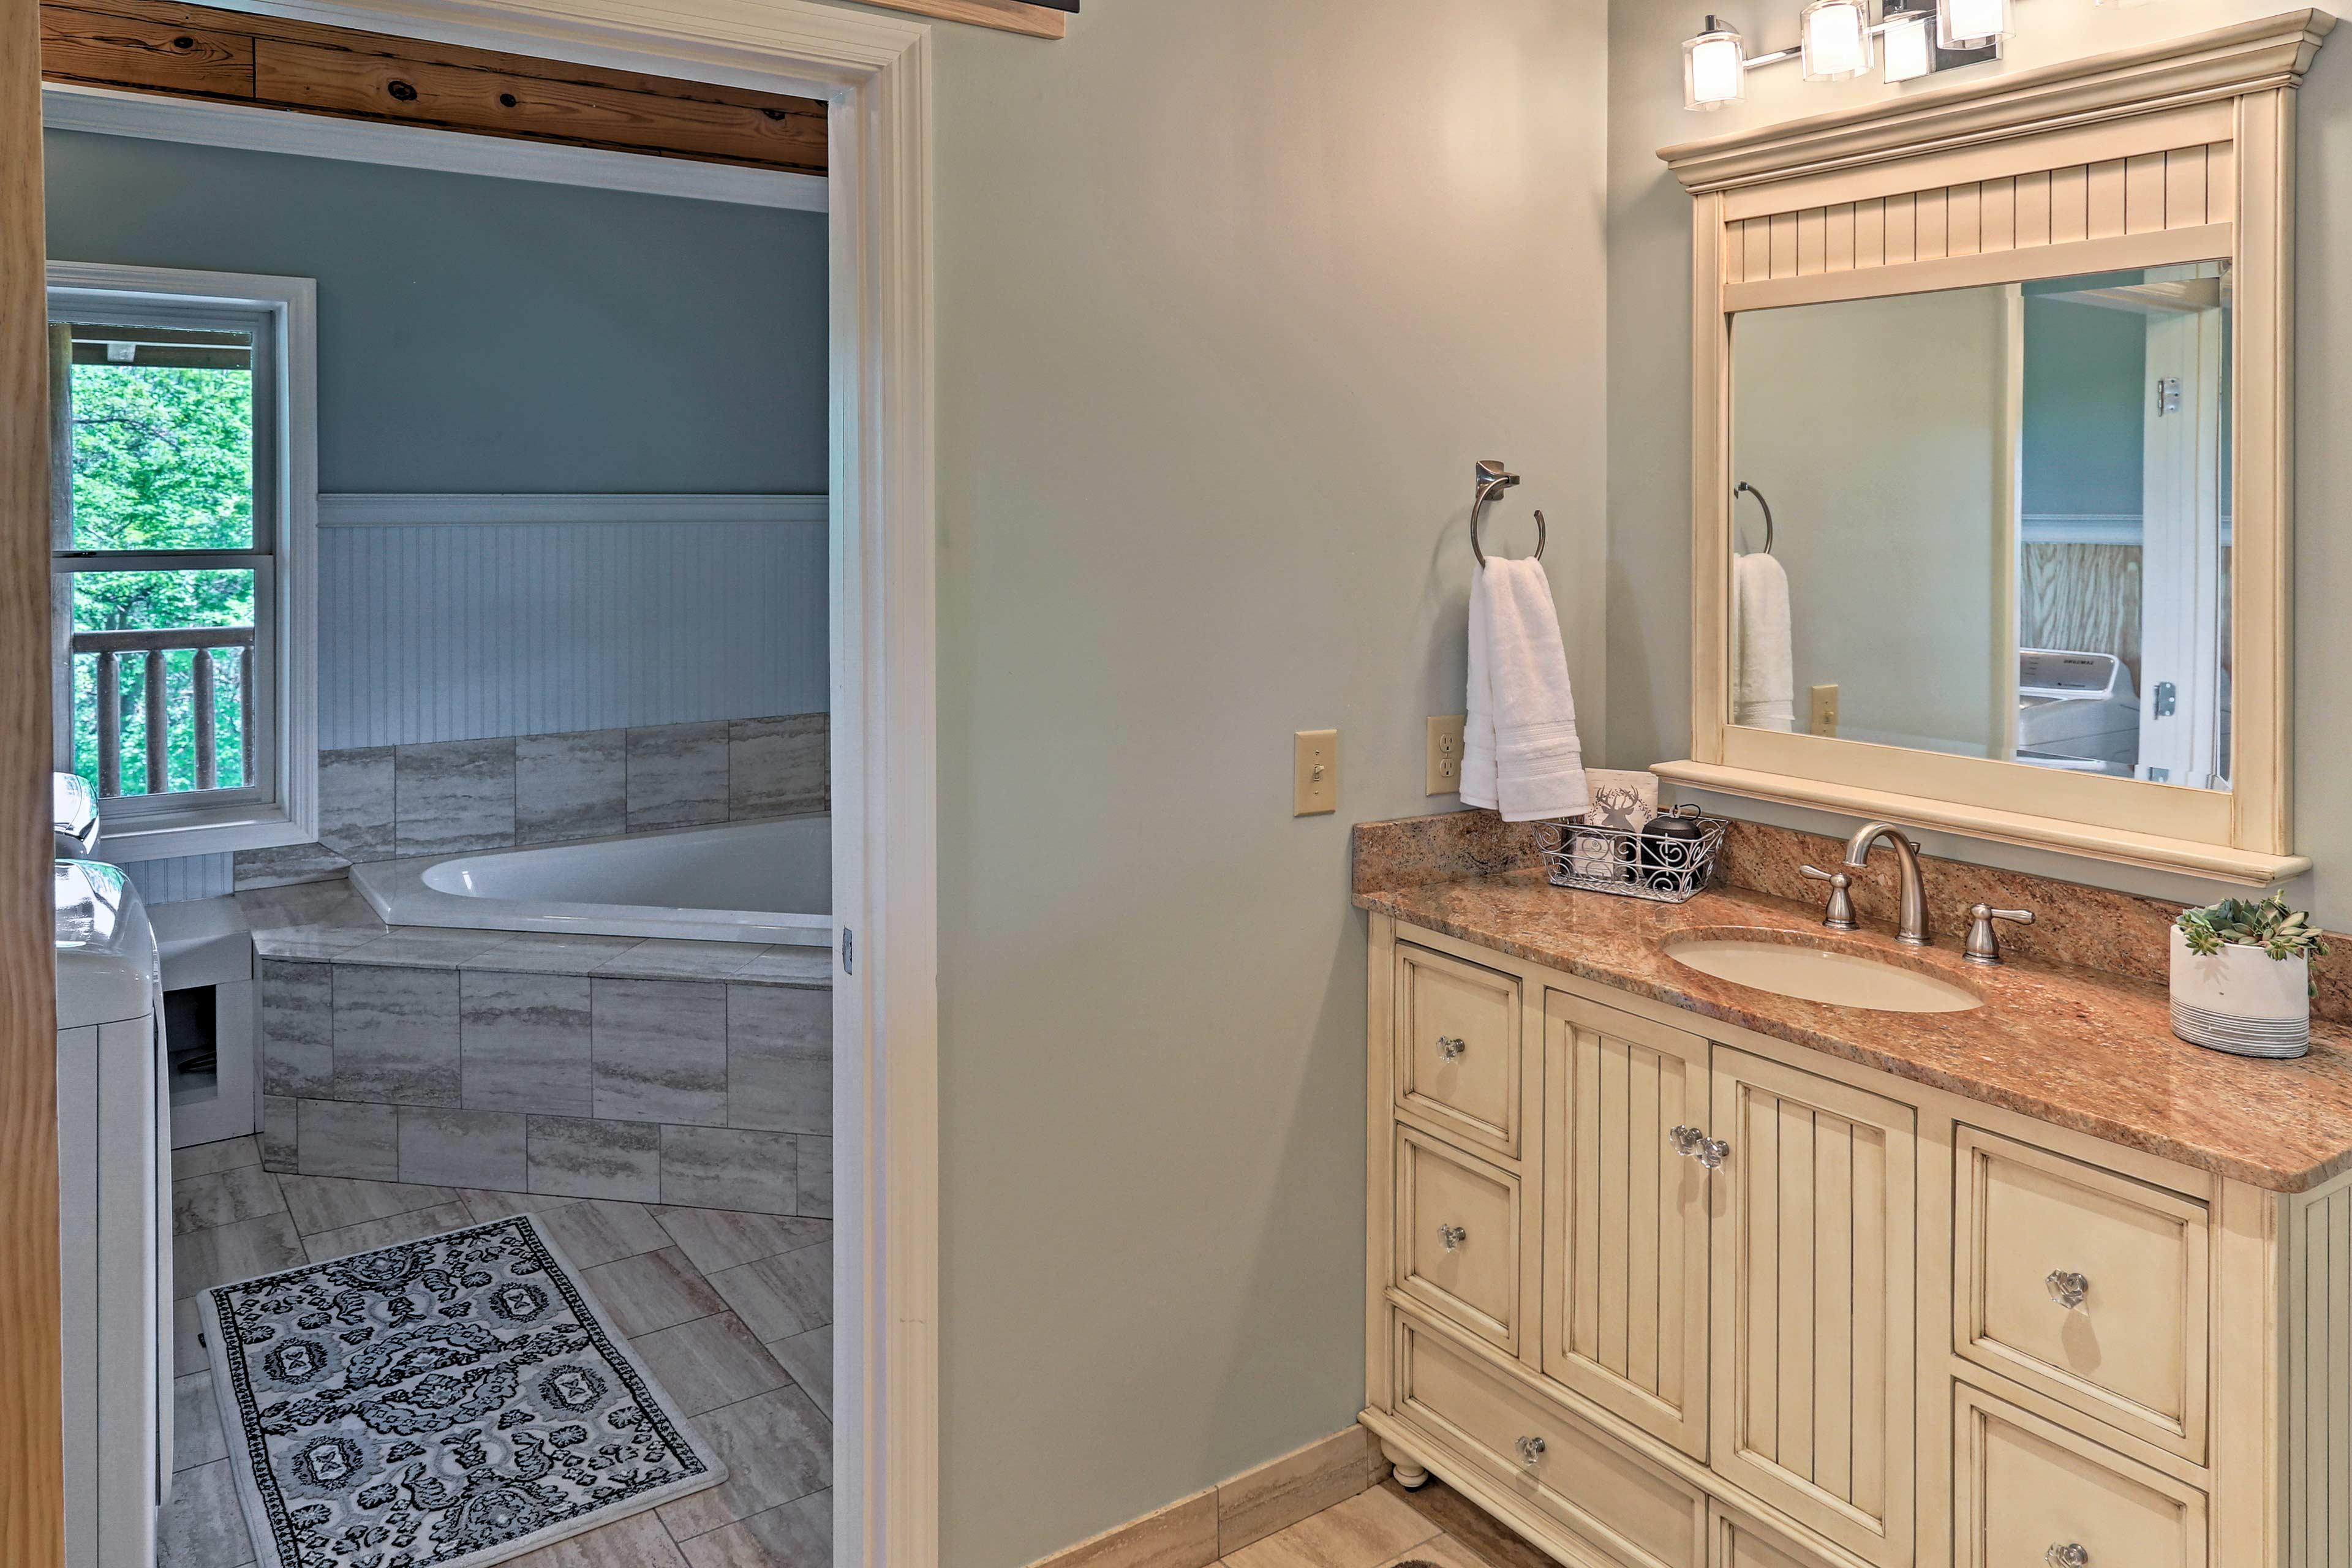 Primp and pamper in this spa-like en-suite bathroom.